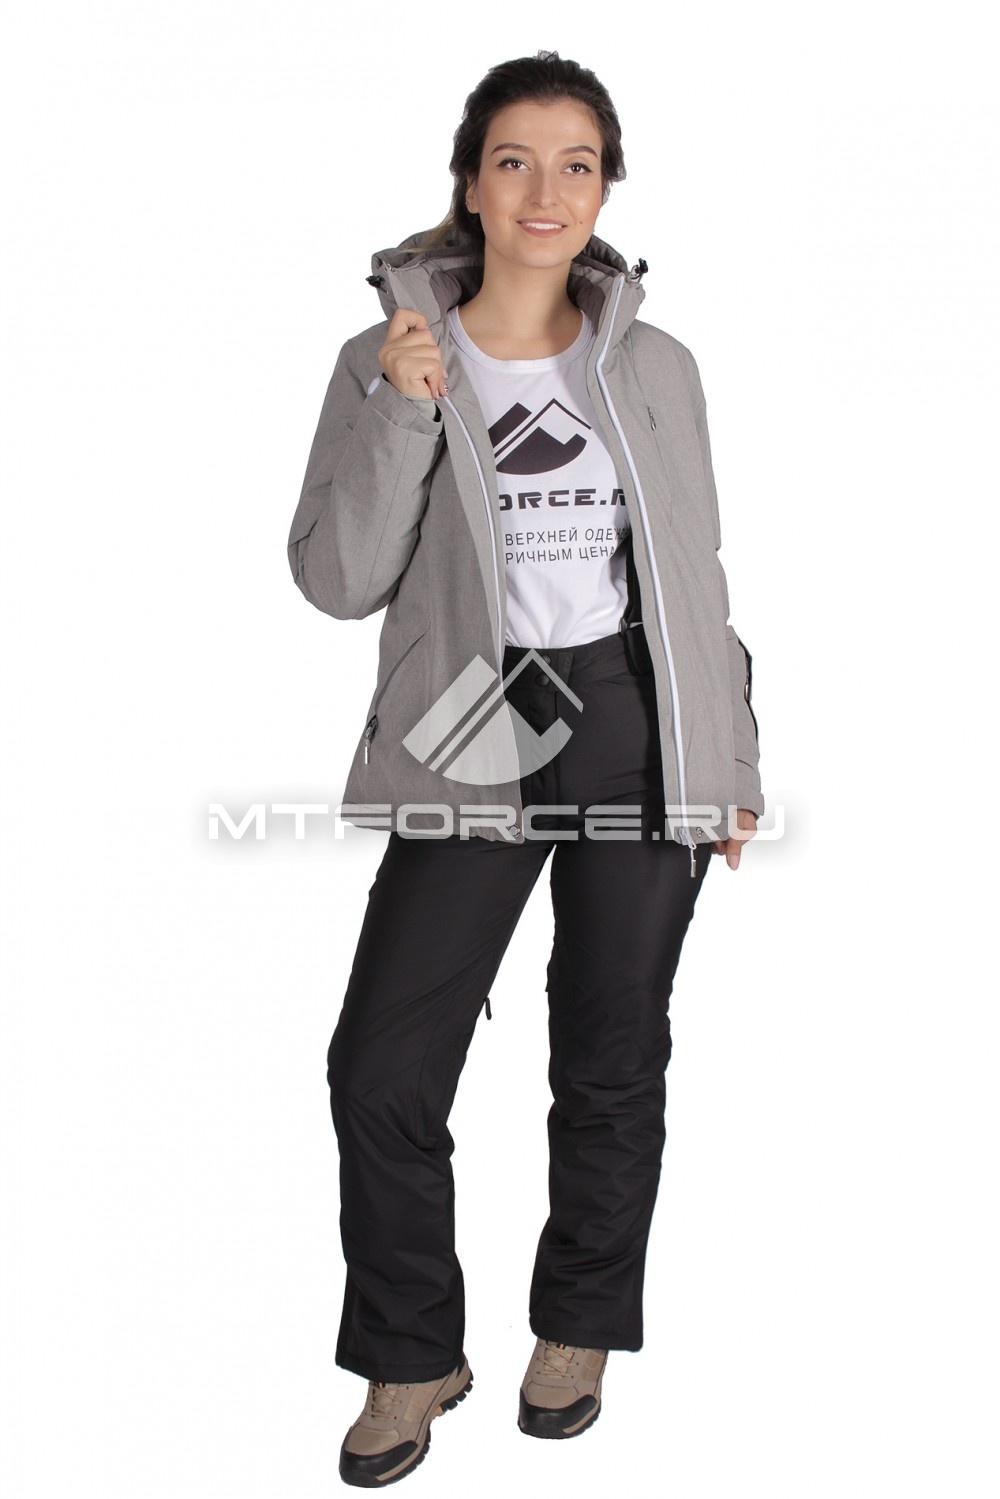 Купить                                  оптом Костюм горнолыжный женский серого цвета 01631-1Sr